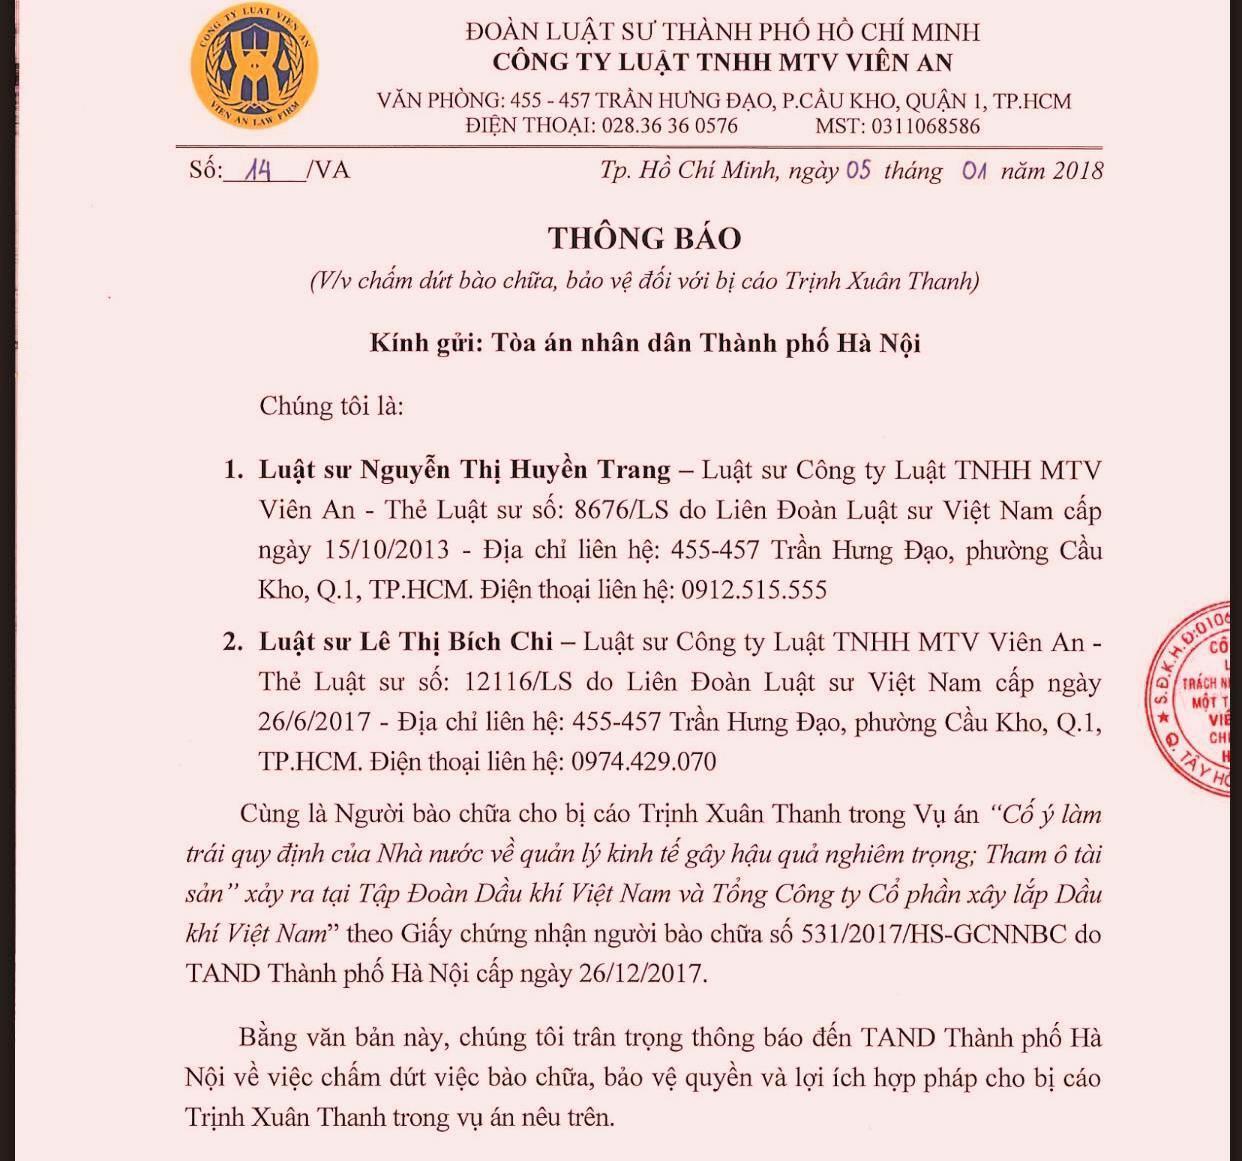 Đinh La Thăng,Trịnh Xuân Thanh,PVN,tham ô,cố ý làm trái